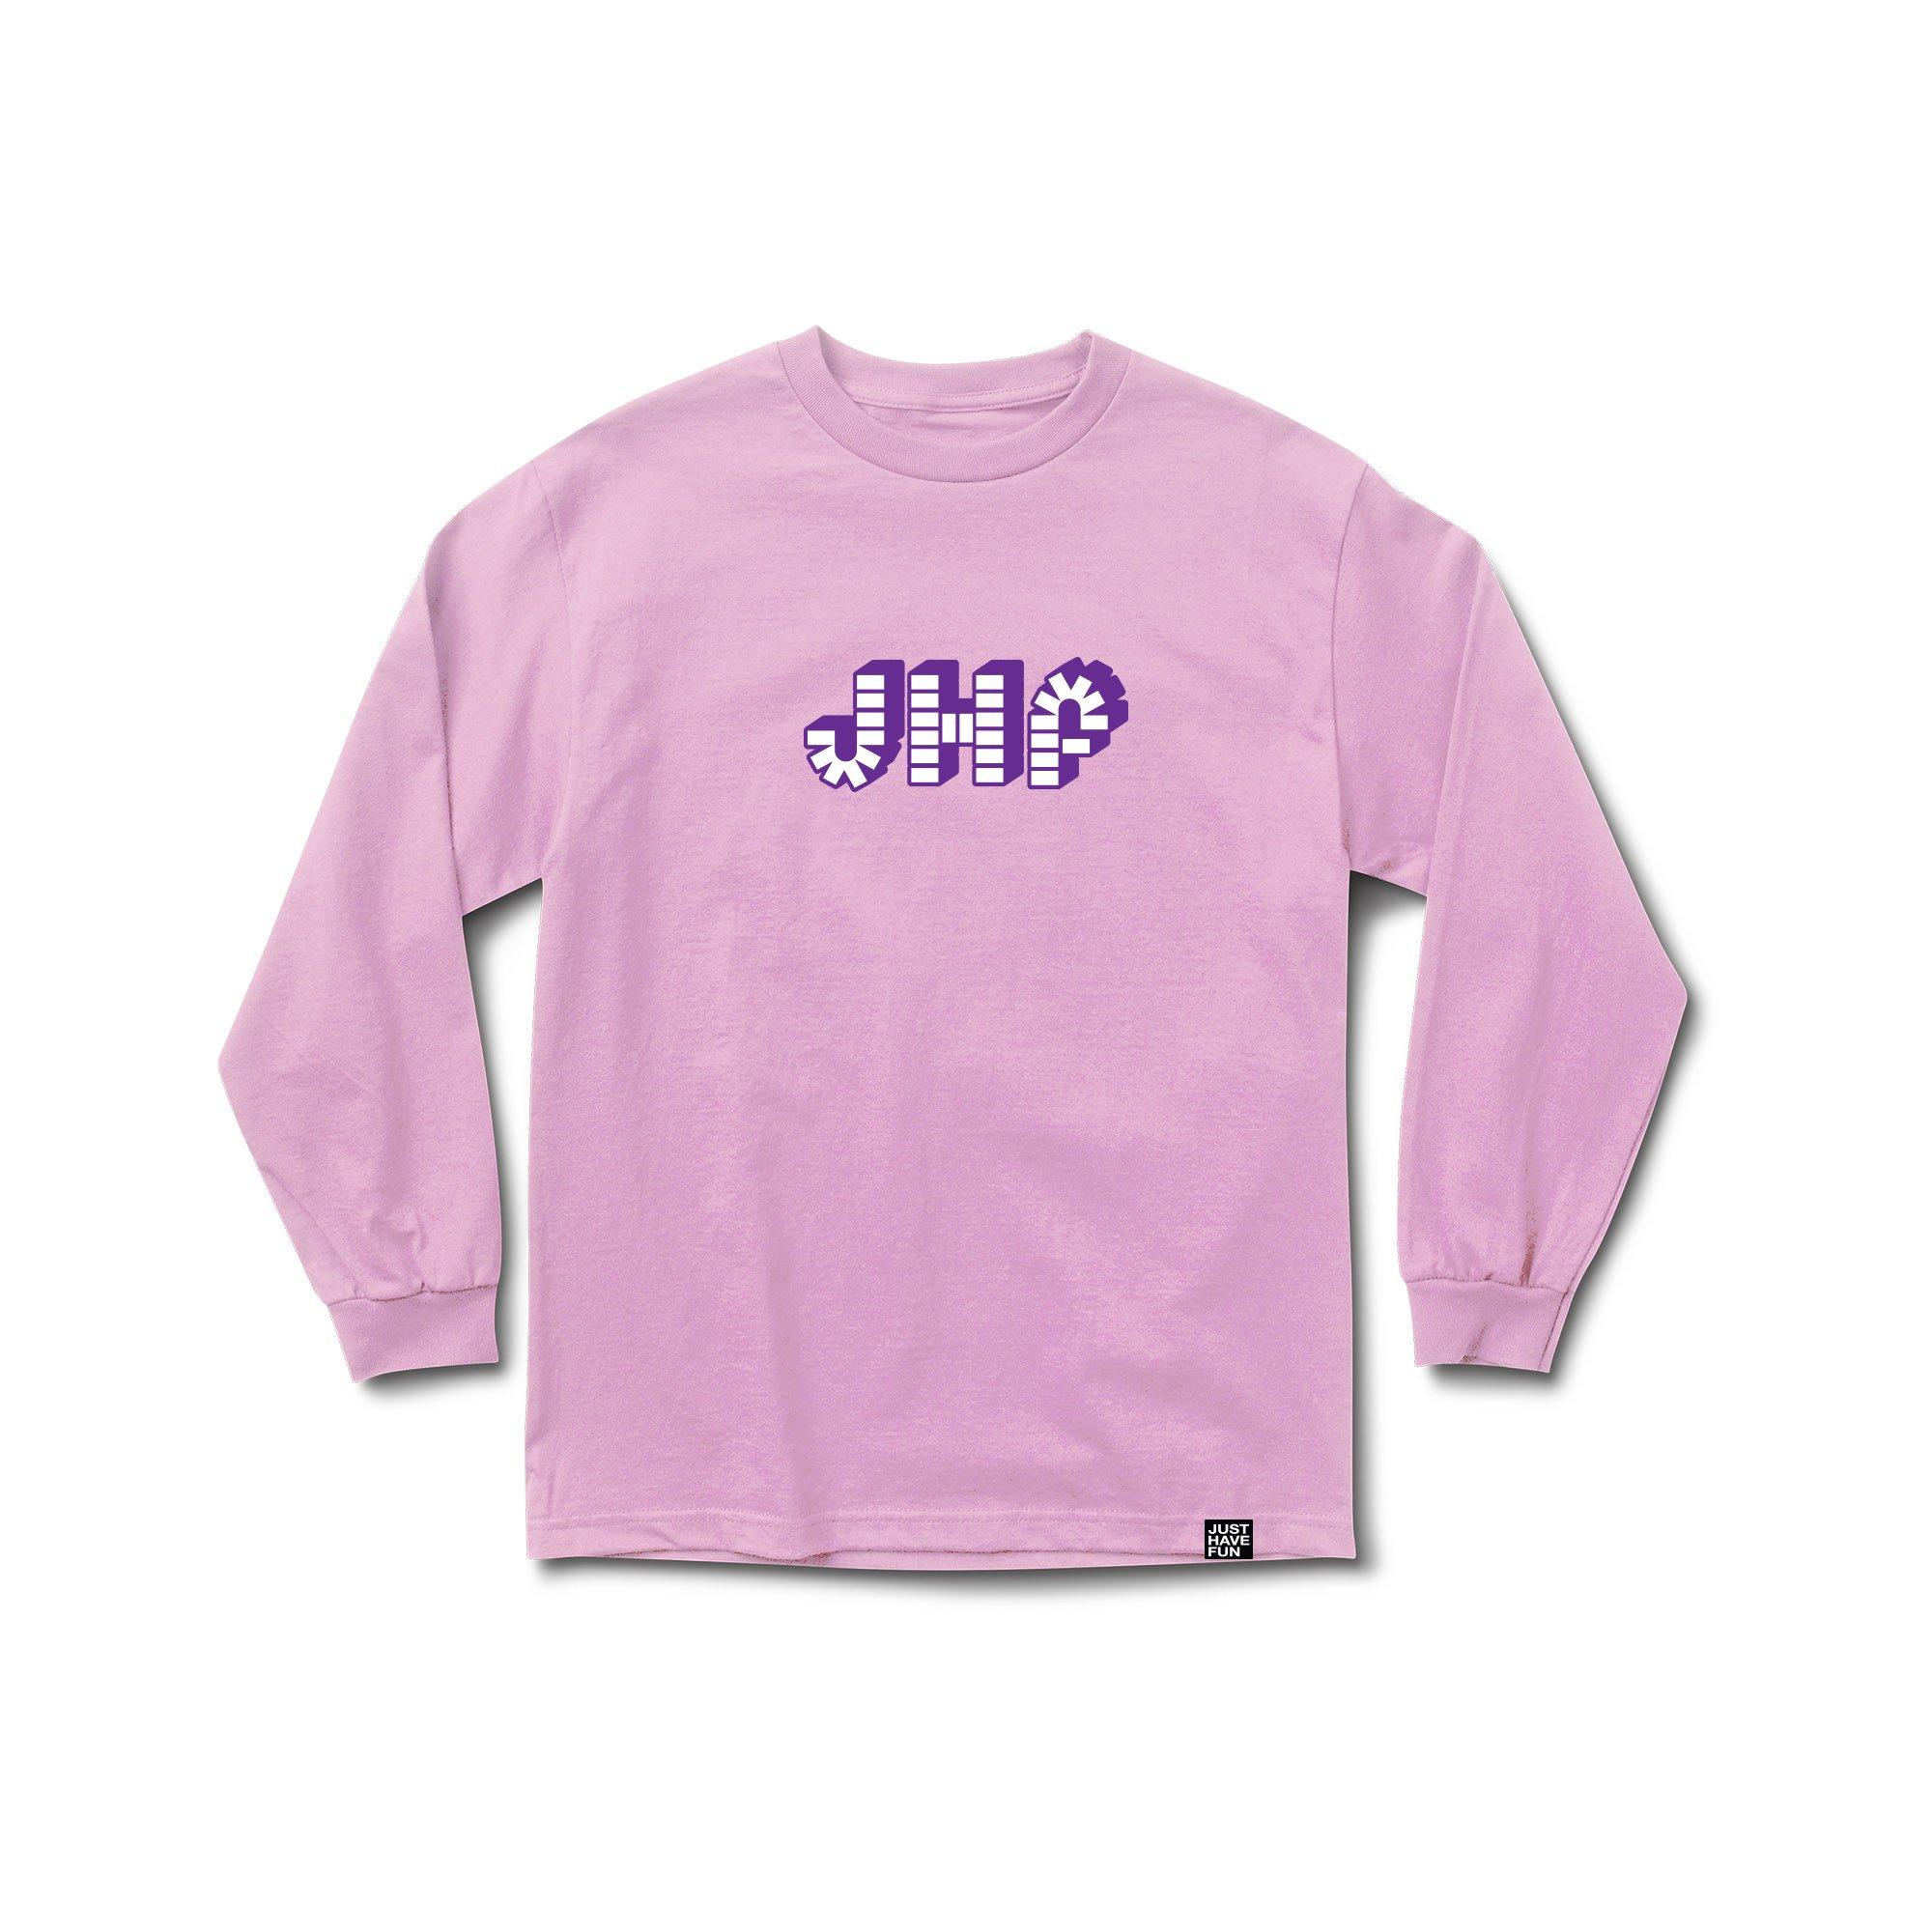 【JUST HAVE FUN/ジャストハブファン】BRICK BY BRICK LS TEE Tシャツ / PINK